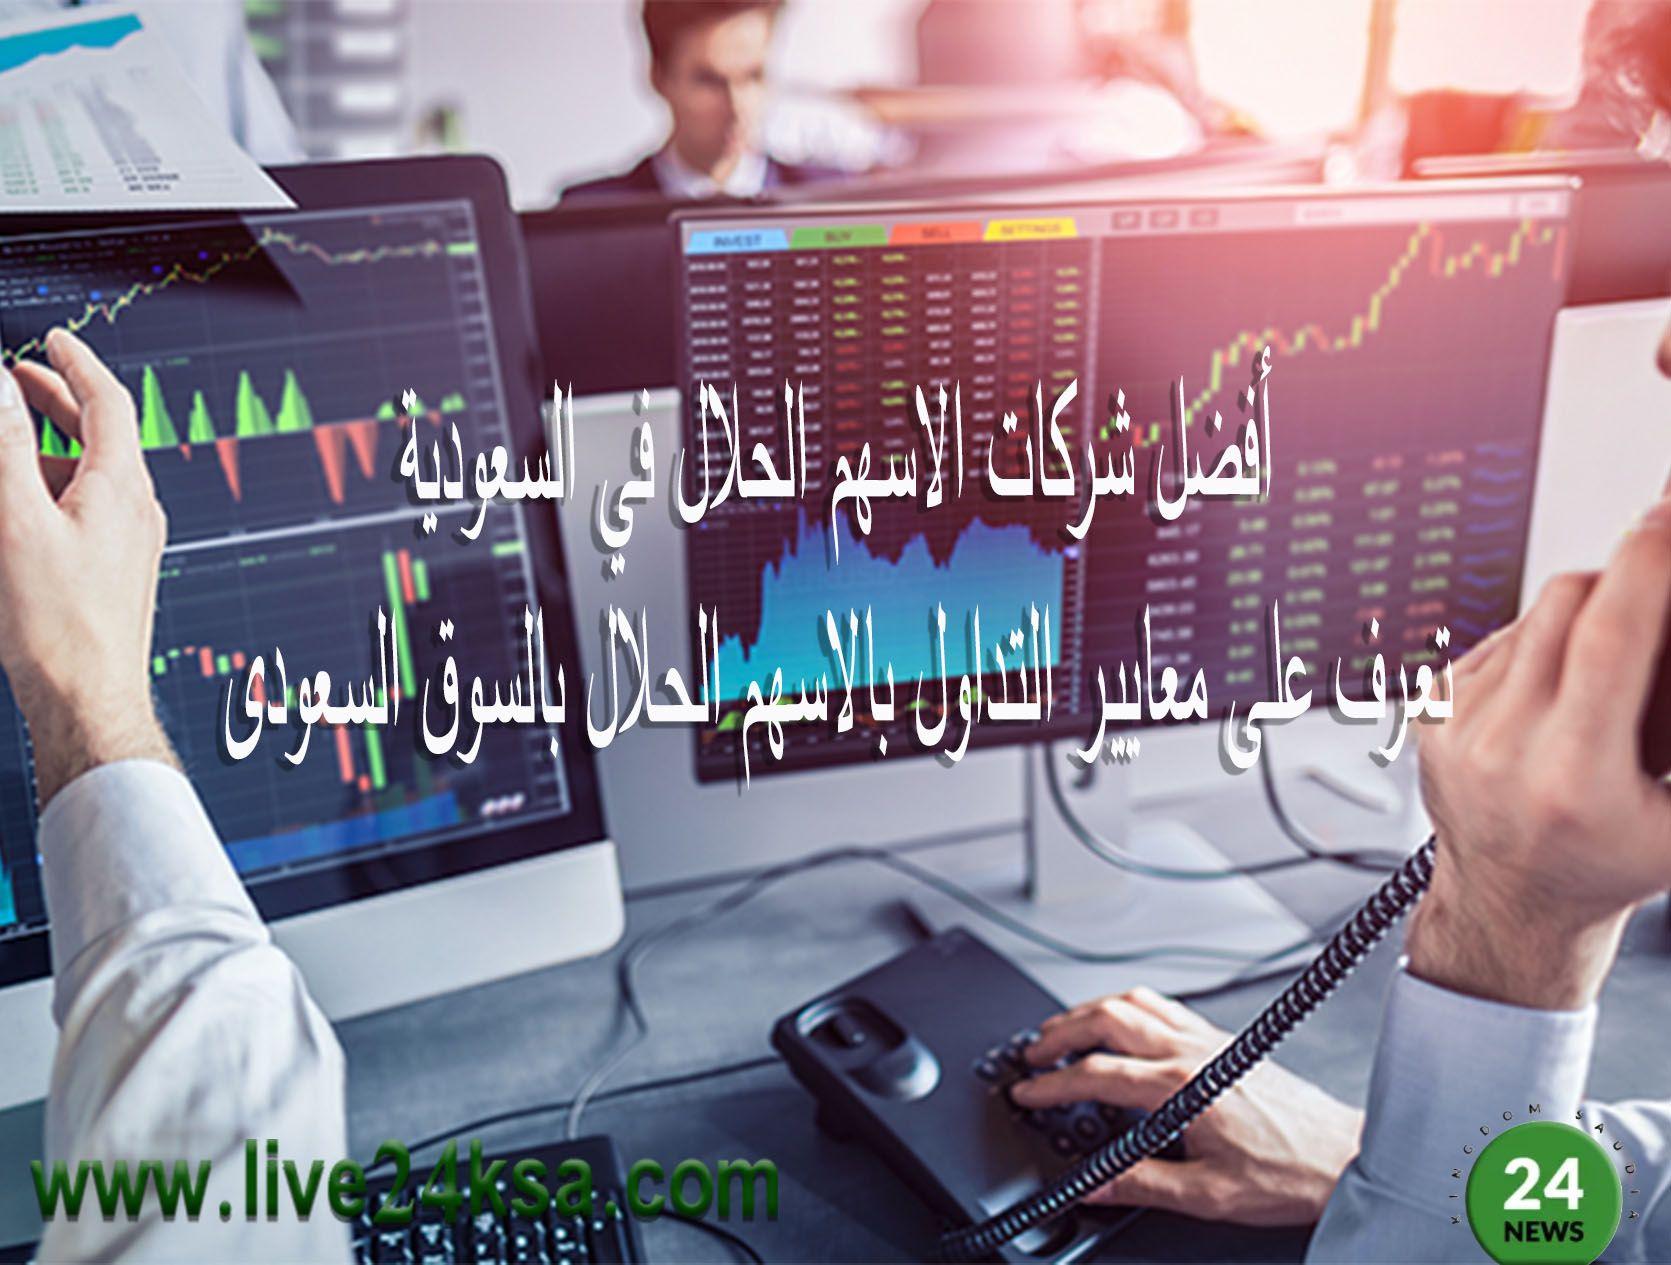 أفضل شركات الاسهم الحلال في السعودية تعرف على معايير الإستثمار في الاسهم الحلال في السوق السعودى Electronic Products Trading Cannon